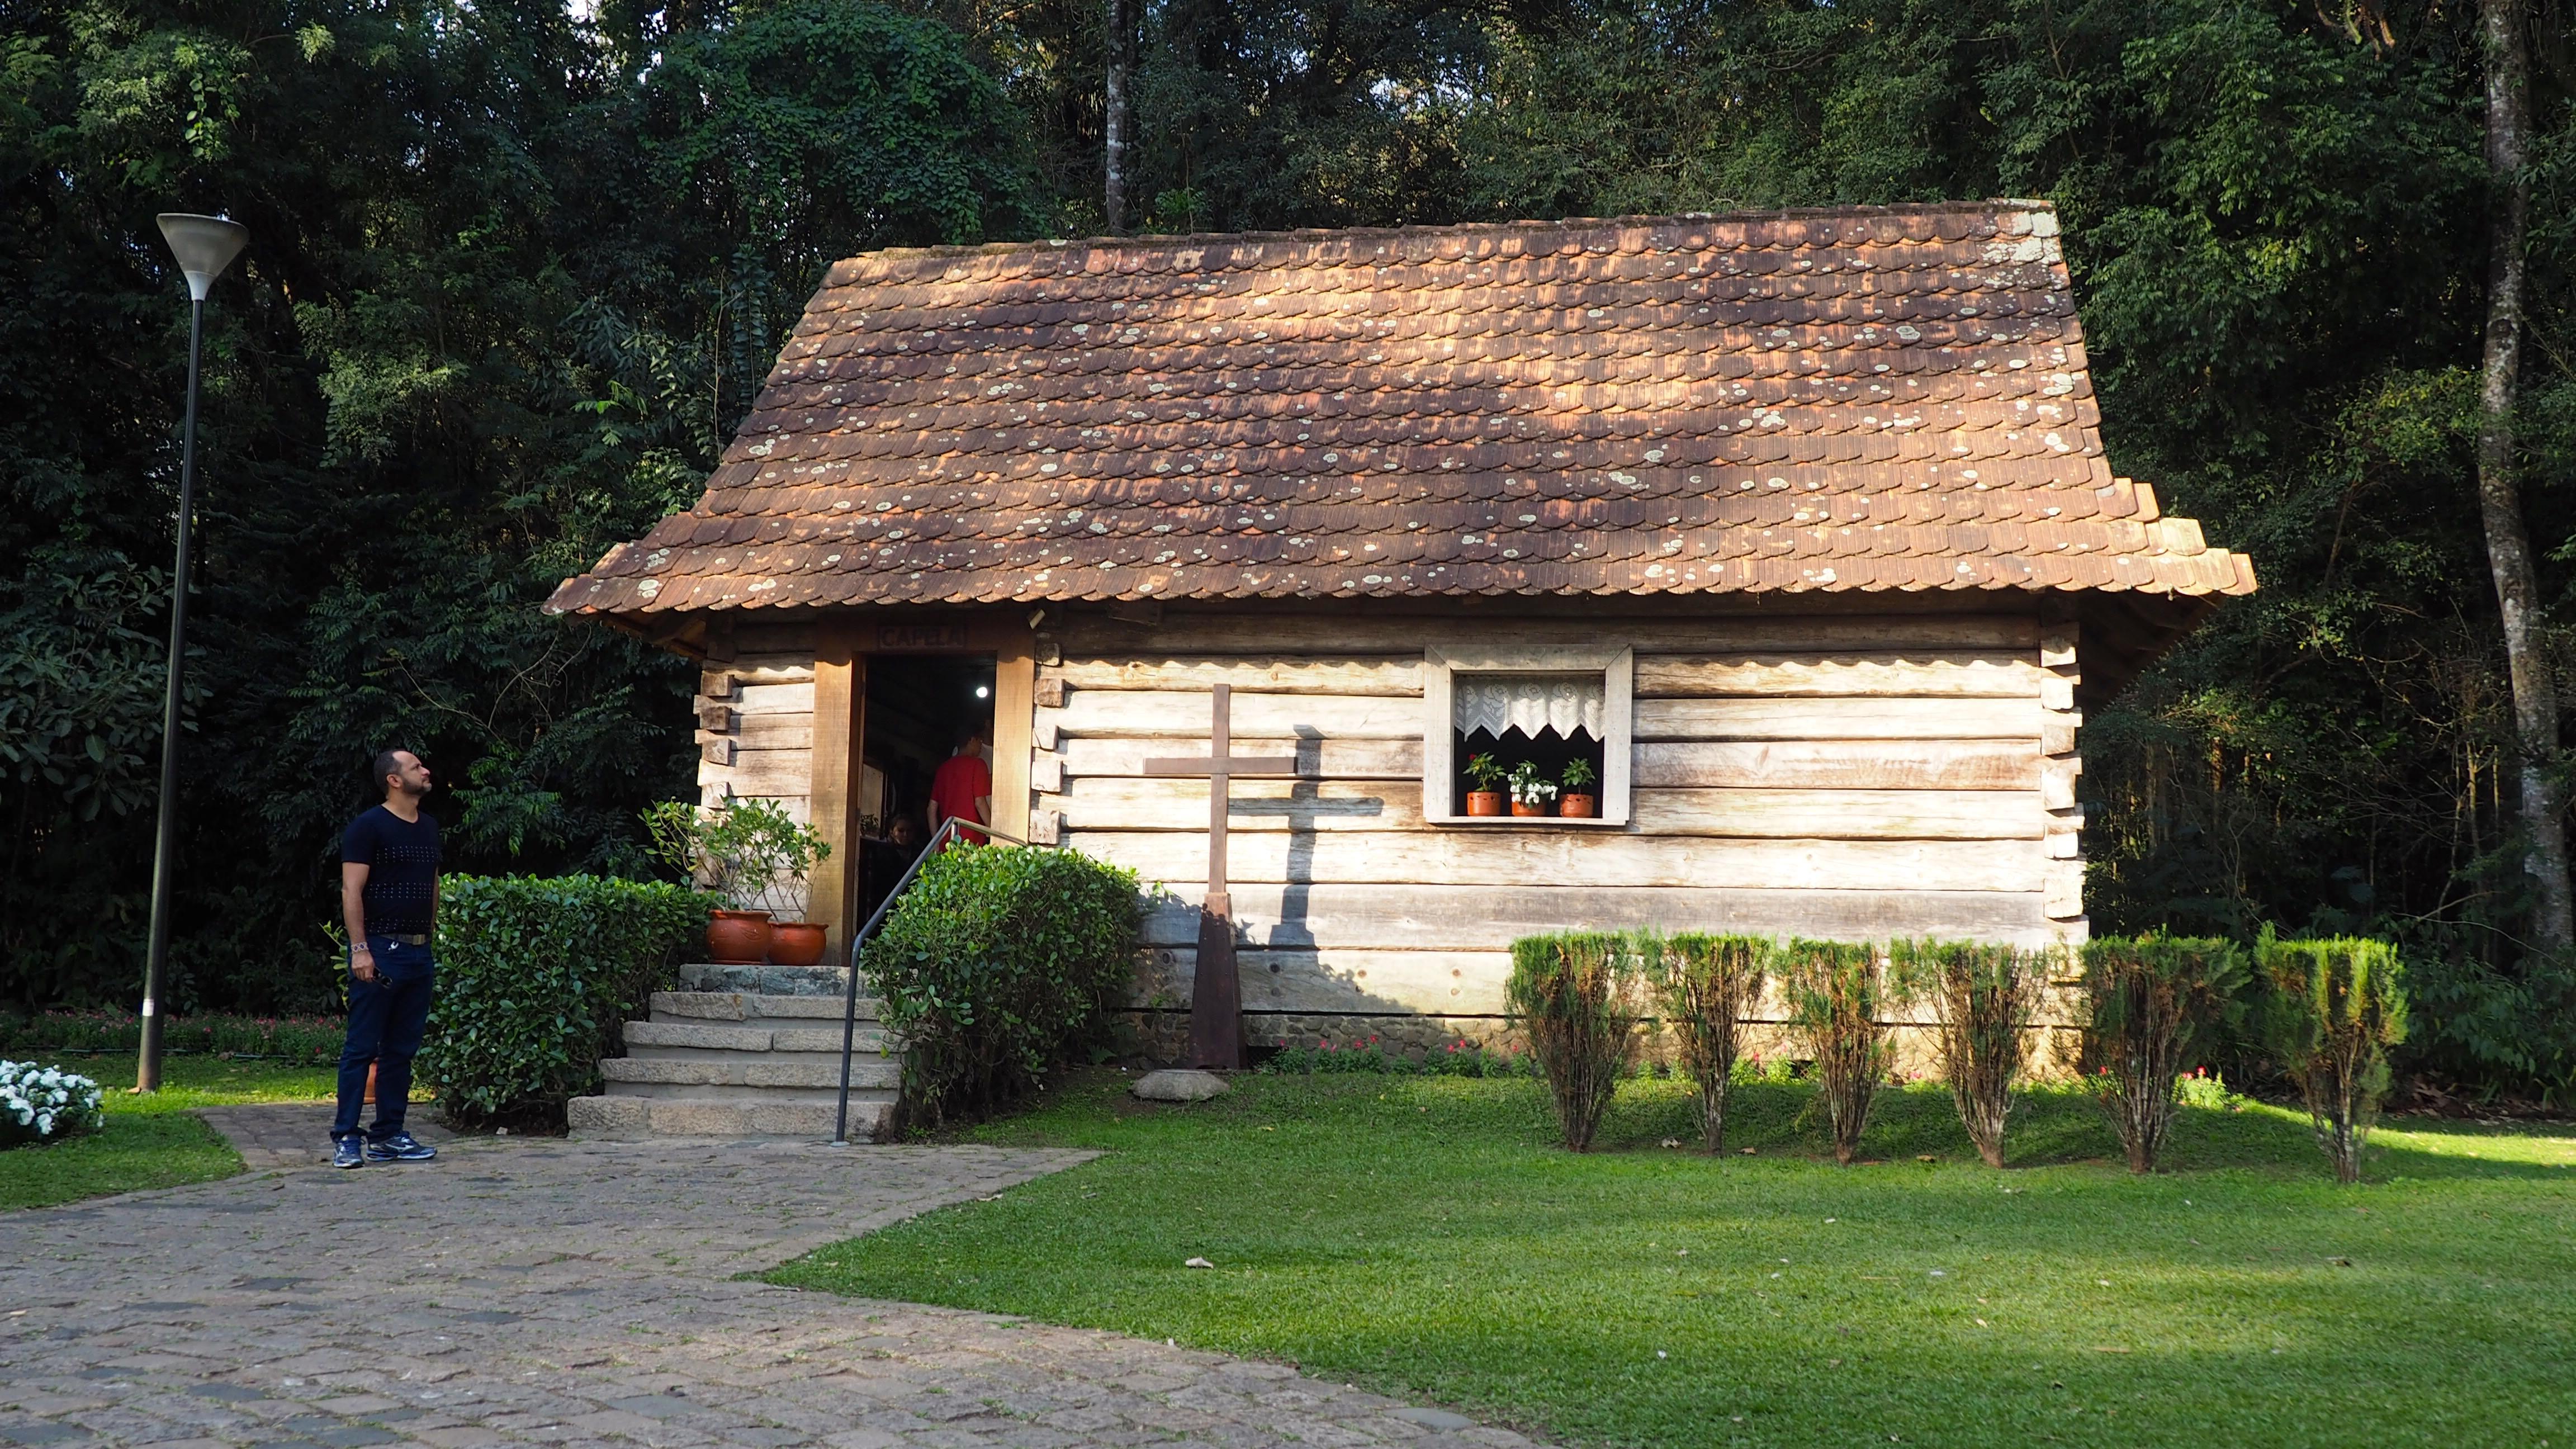 Recreación de una aldea polaca en el bosque Papa Juan Pablo II de Curitiba. Una de las cosas que ver en Curitiba